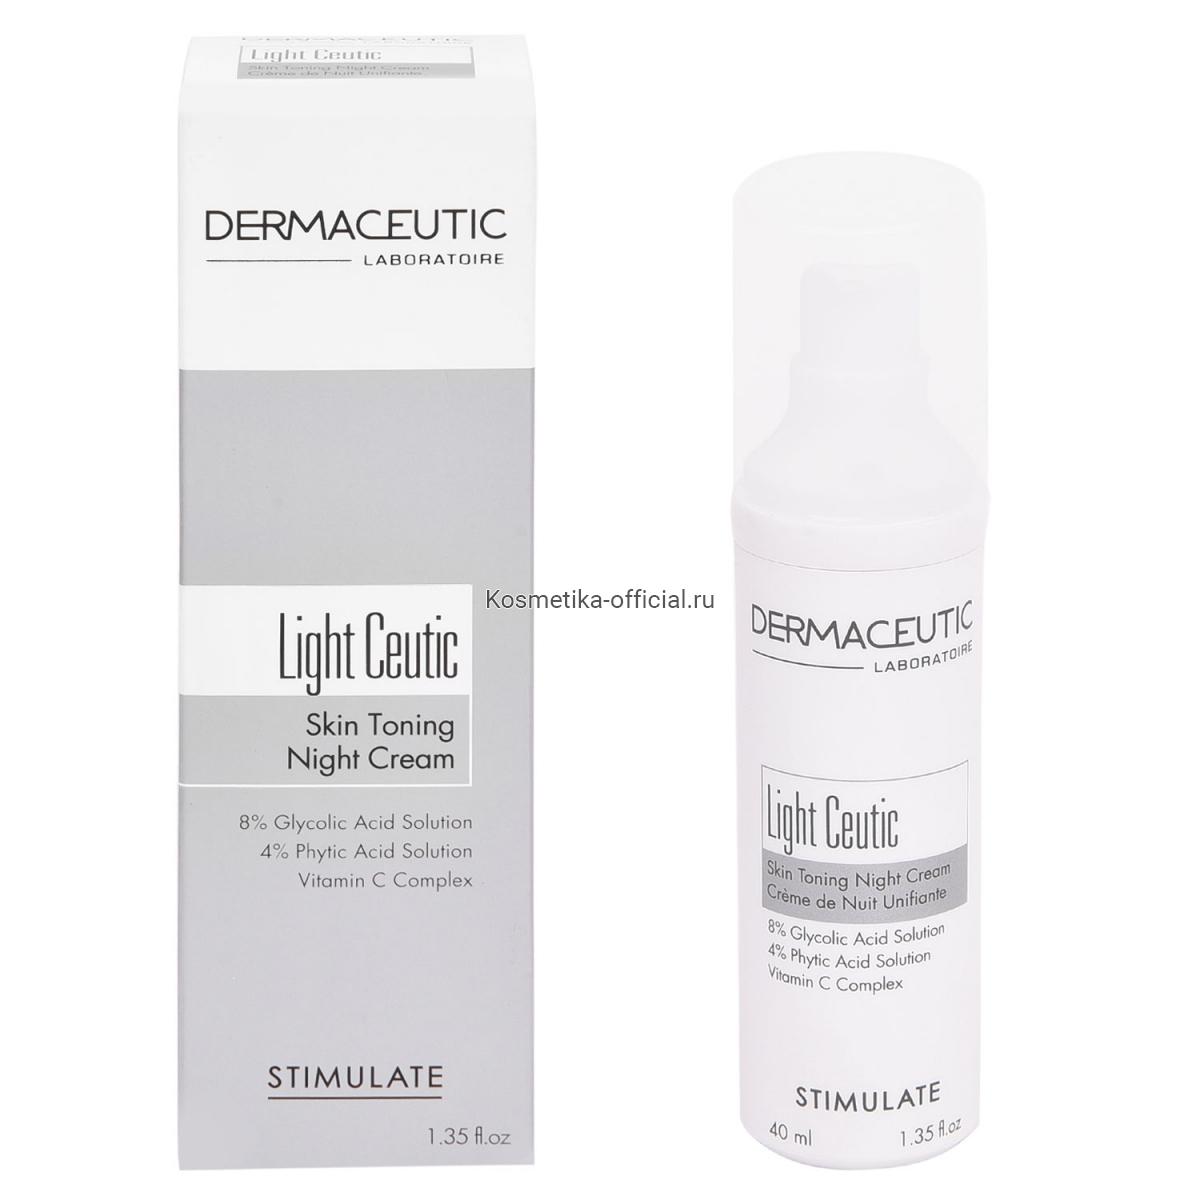 Ночной осветляющий крем Light Ceutic Dermaceutic, 40 мл